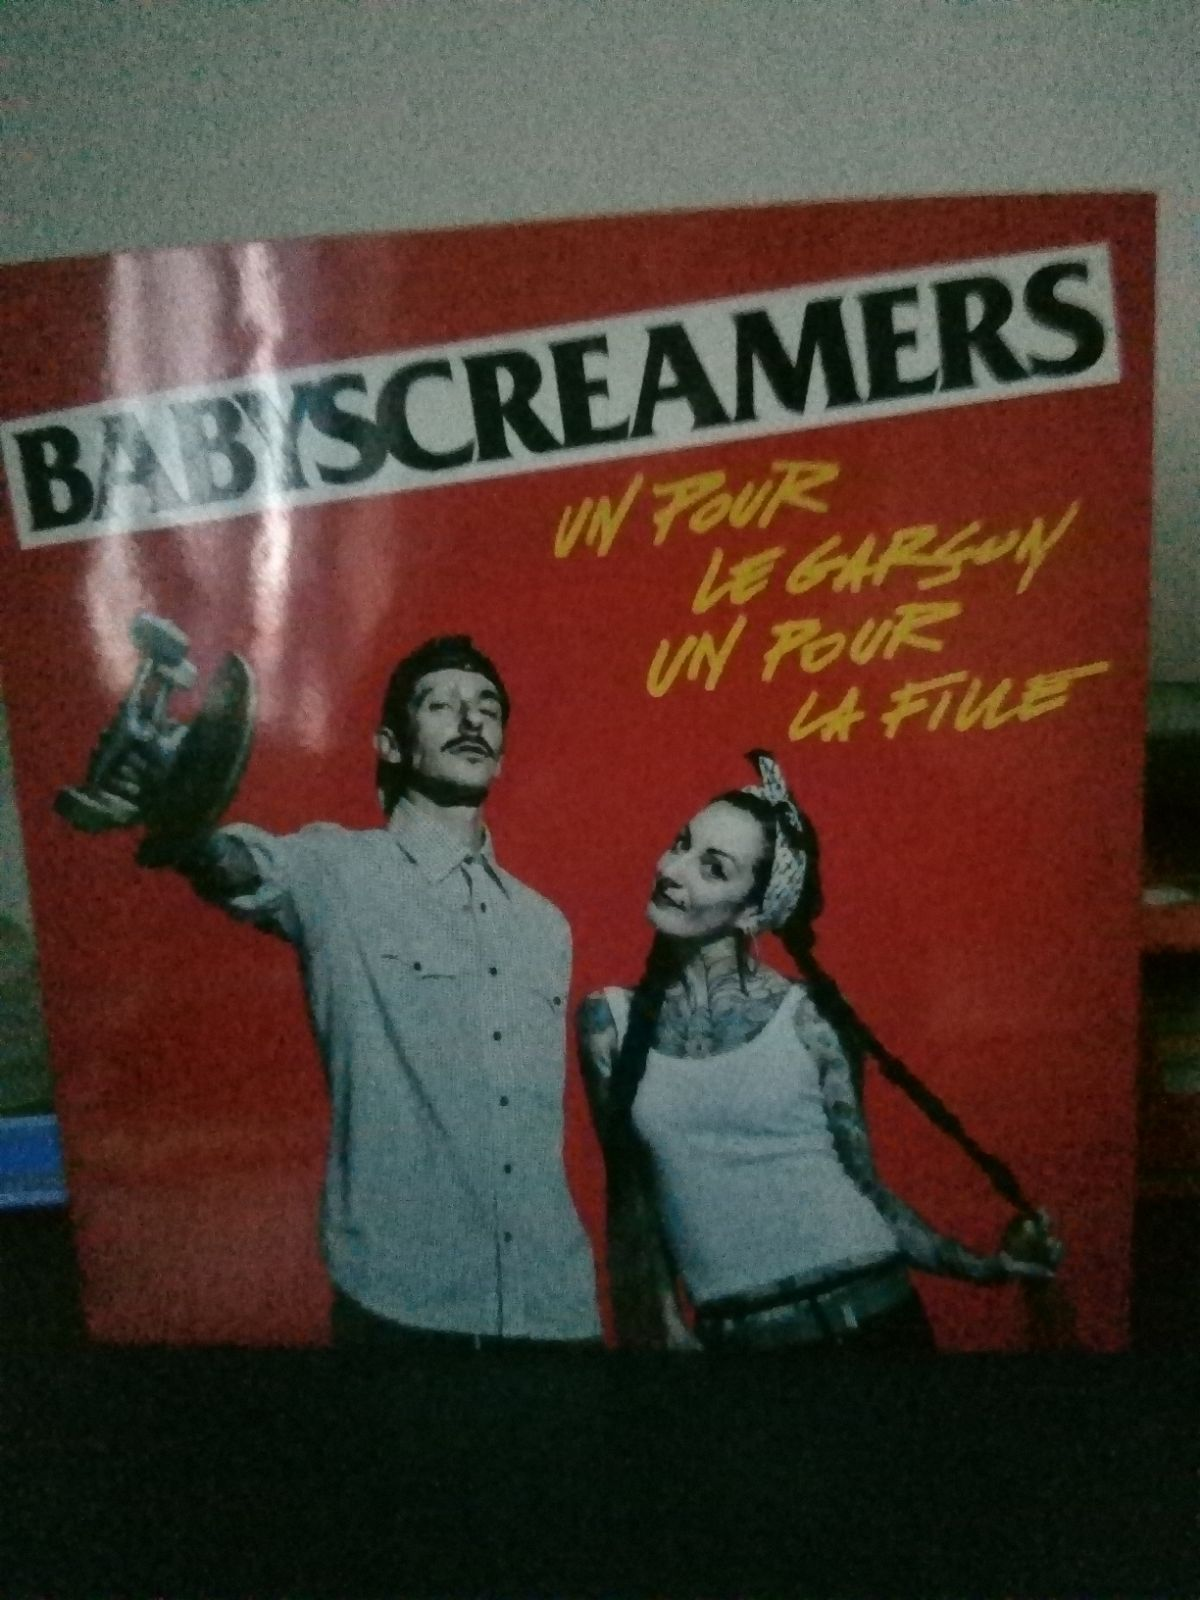 Babyscreamers - Un pour le garçon un pour la fille 4 - fanzine